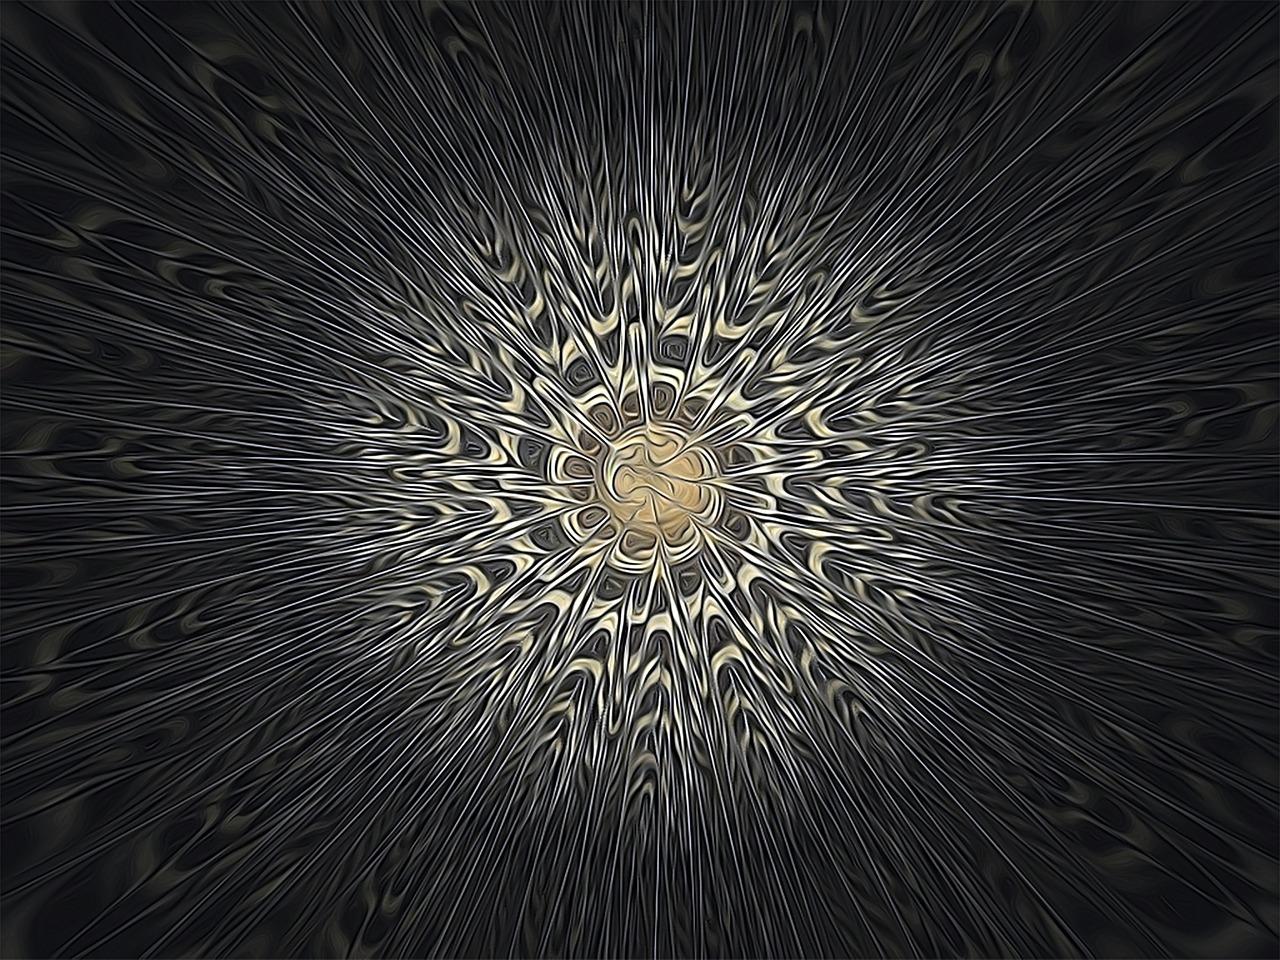 fractal-935009_1280.jpg